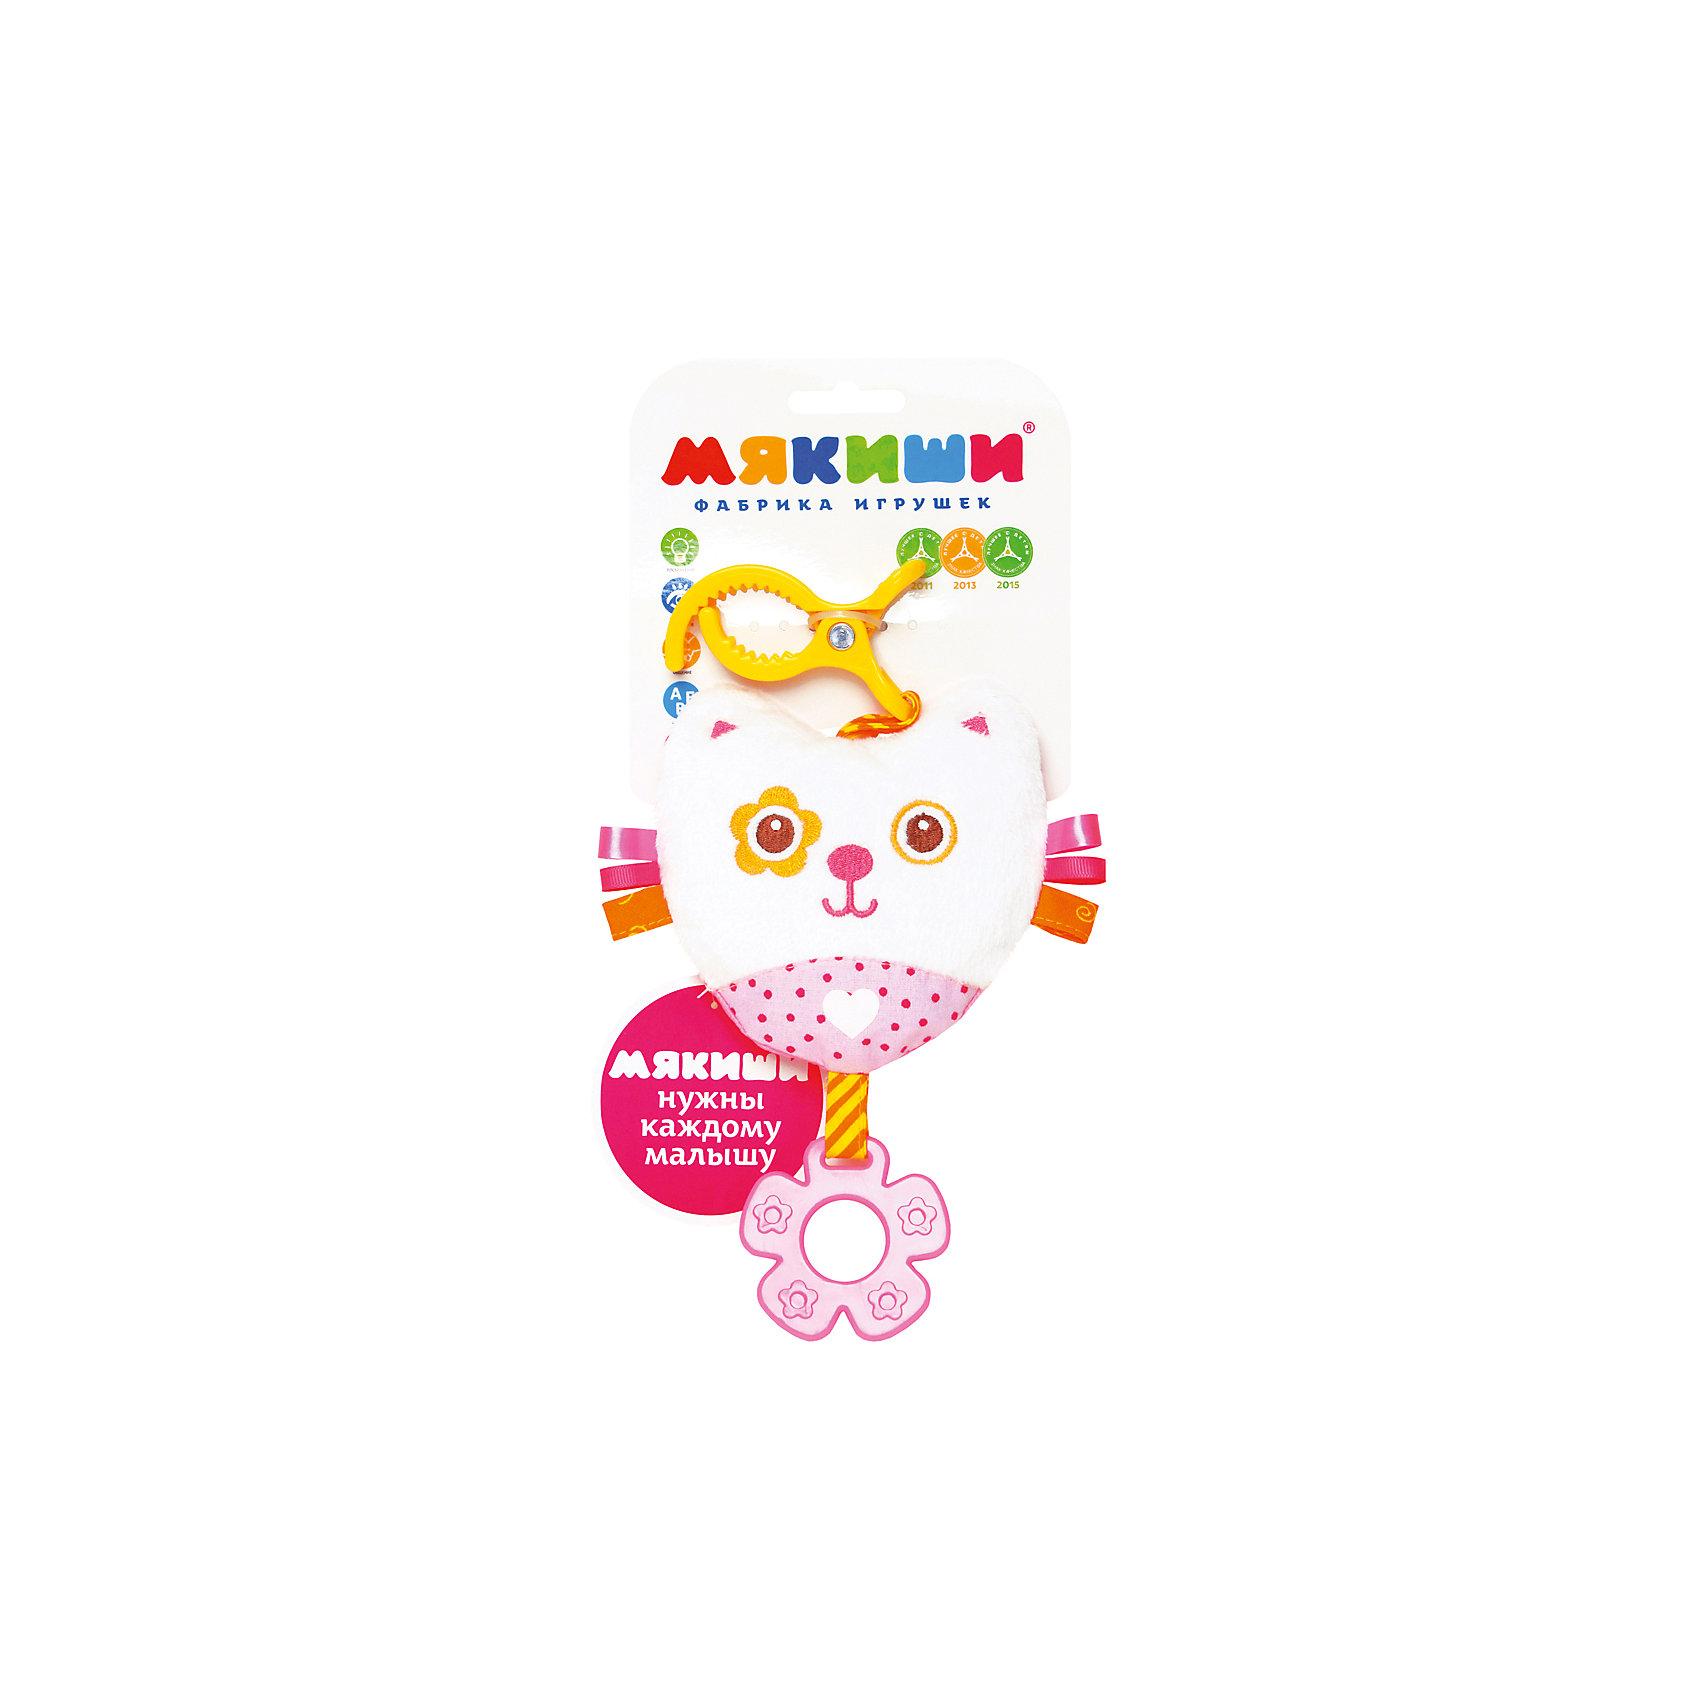 Подвеска Котенок, МякишиХарактеристики товара:<br><br>• материал: разнофактурный текстиль, холлофайбер<br>• комплектация: 1 шт<br>• размер игрушки: 16х29х4 см<br>• звуковой элемент<br>• клипса для крепления<br>• прорезыватель<br>• развивающая игрушка<br>• упаковка: ламинированный картонный холдер<br>• страна бренда: РФ<br>• страна изготовитель: РФ<br><br>Малыши активно познают мир и тянутся к новой информации. Чтобы сделать процесс изучения окружающего пространства интереснее, ребенку можно подарить развивающие игрушки. В процессе игры информация усваивается намного лучше!<br>Такие игрушки помогут занять малыша, играть ими приятно и весело. Одновременно они позволят познакомиться со многими цветами, фактурами, а также научиться извлекать звук. Подобные игрушки развивают тактильные ощущения, моторику, цветовосприятие, логику, воображение, учат фокусировать внимание. Каждое изделие абсолютно безопасно – оно создано из качественной ткани с мягким наполнителем. Игрушки производятся из качественных и проверенных материалов, которые безопасны для детей.<br><br>Подвеску Котенок от бренда Мякиши можно купить в нашем интернет-магазине.<br><br>Ширина мм: 320<br>Глубина мм: 150<br>Высота мм: 40<br>Вес г: 40<br>Возраст от месяцев: 12<br>Возраст до месяцев: 36<br>Пол: Женский<br>Возраст: Детский<br>SKU: 5183209